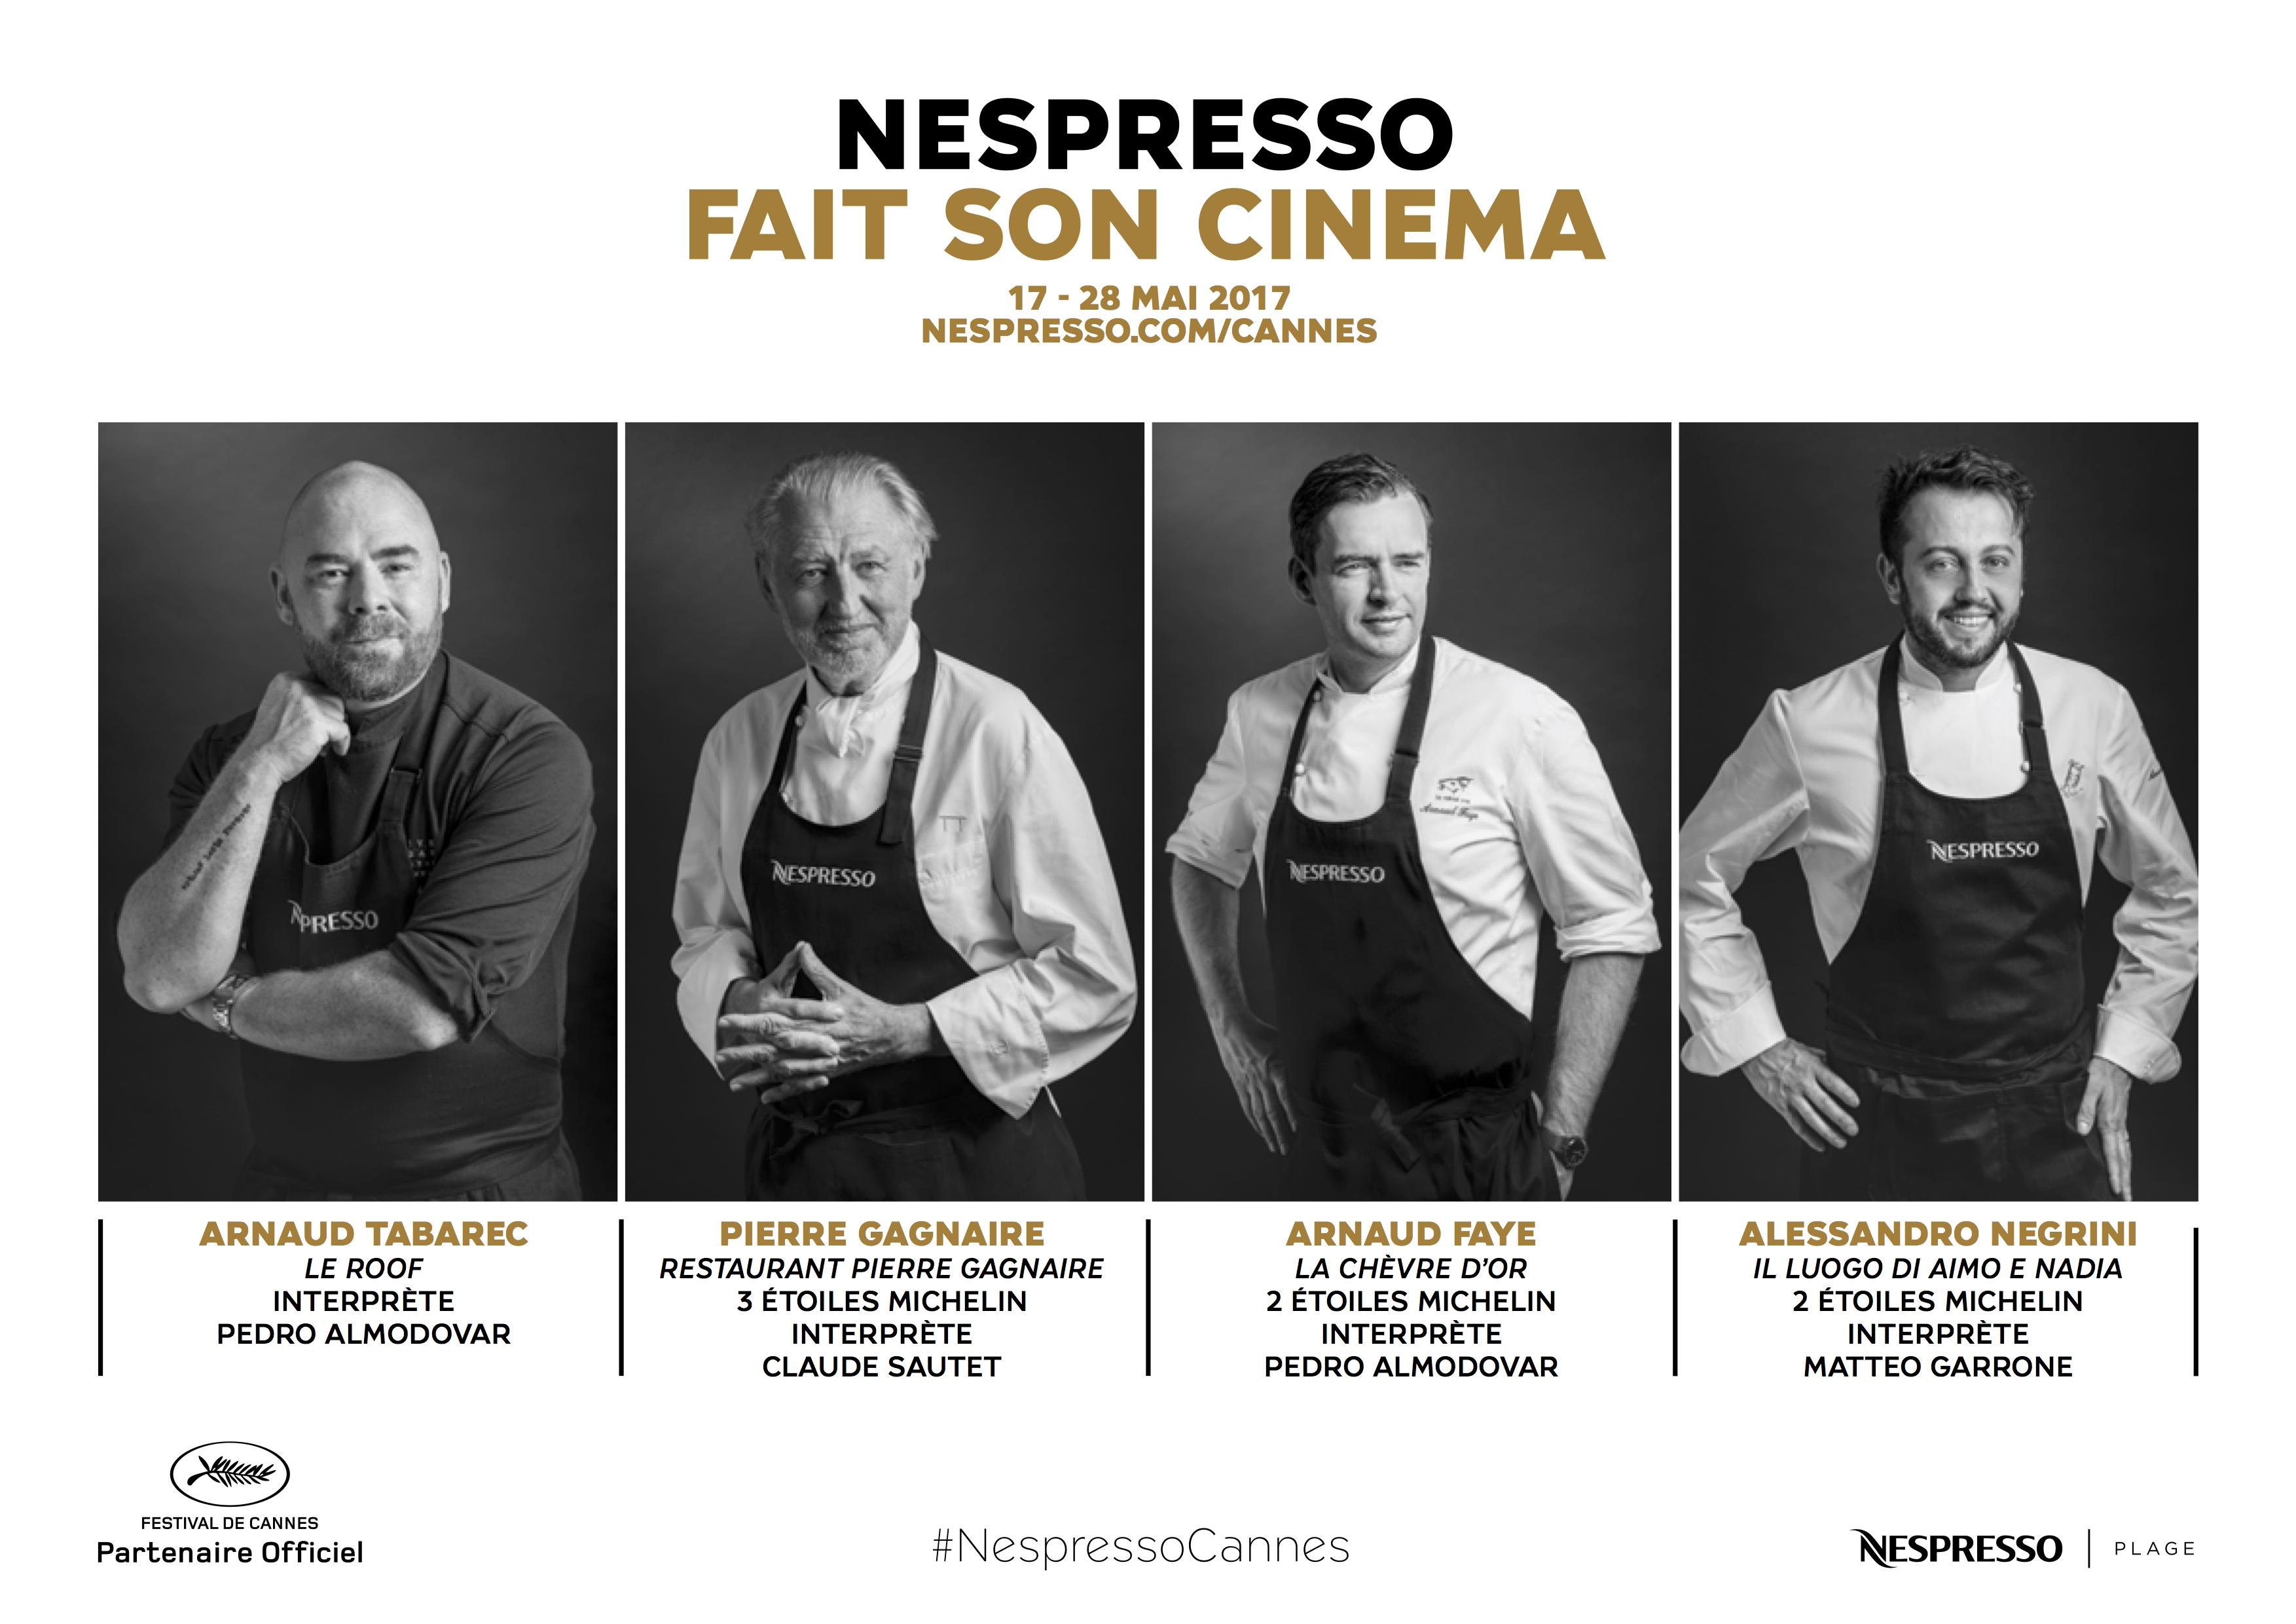 Nespresso_fait_son_cinema_MAI2017_grand-format